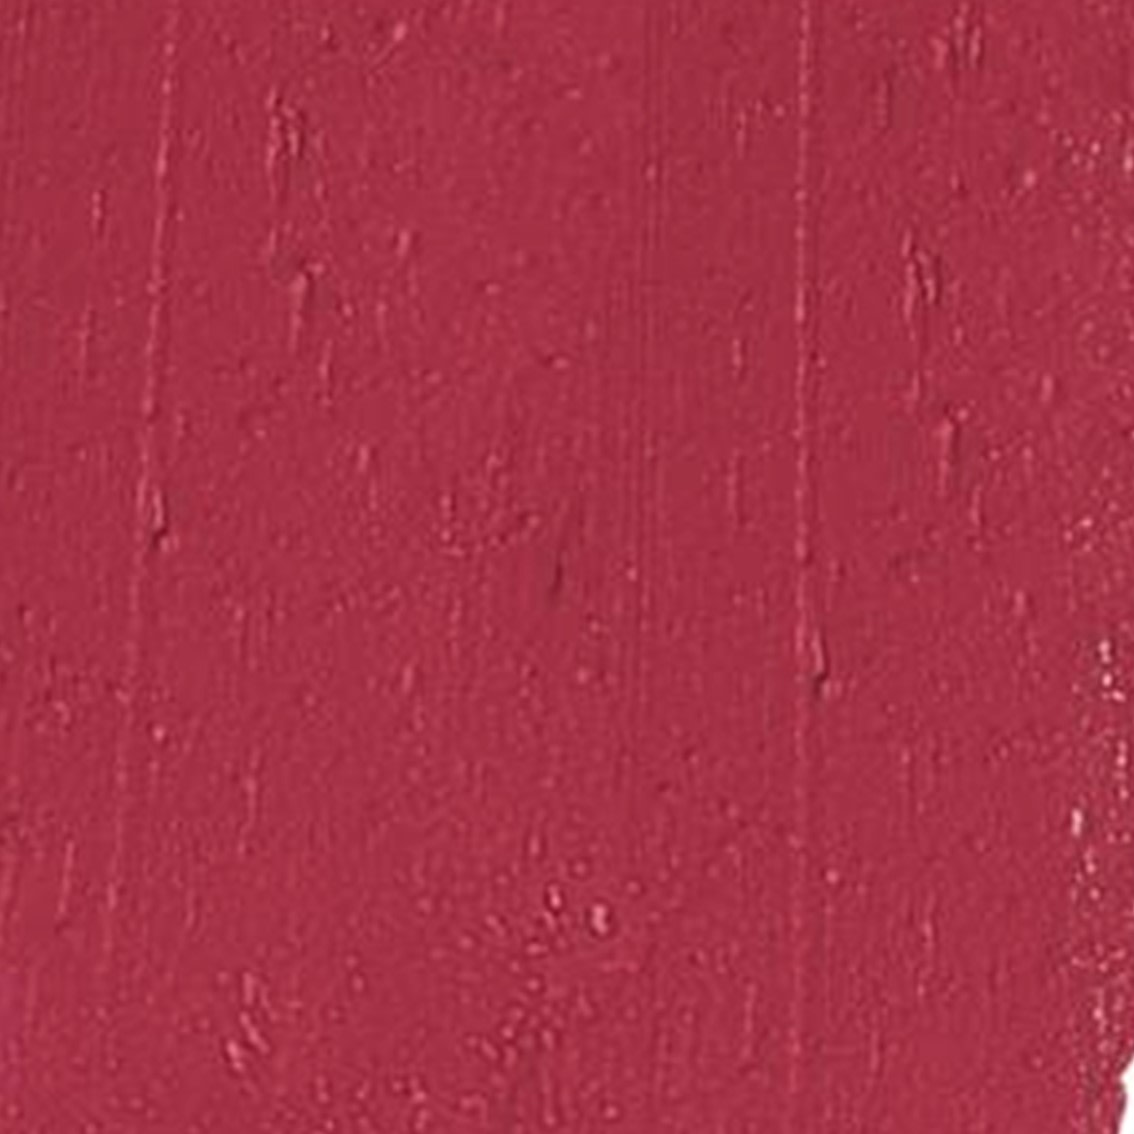 o Boticário Make B. Cremoso Revolution Red - Batom 3,6g